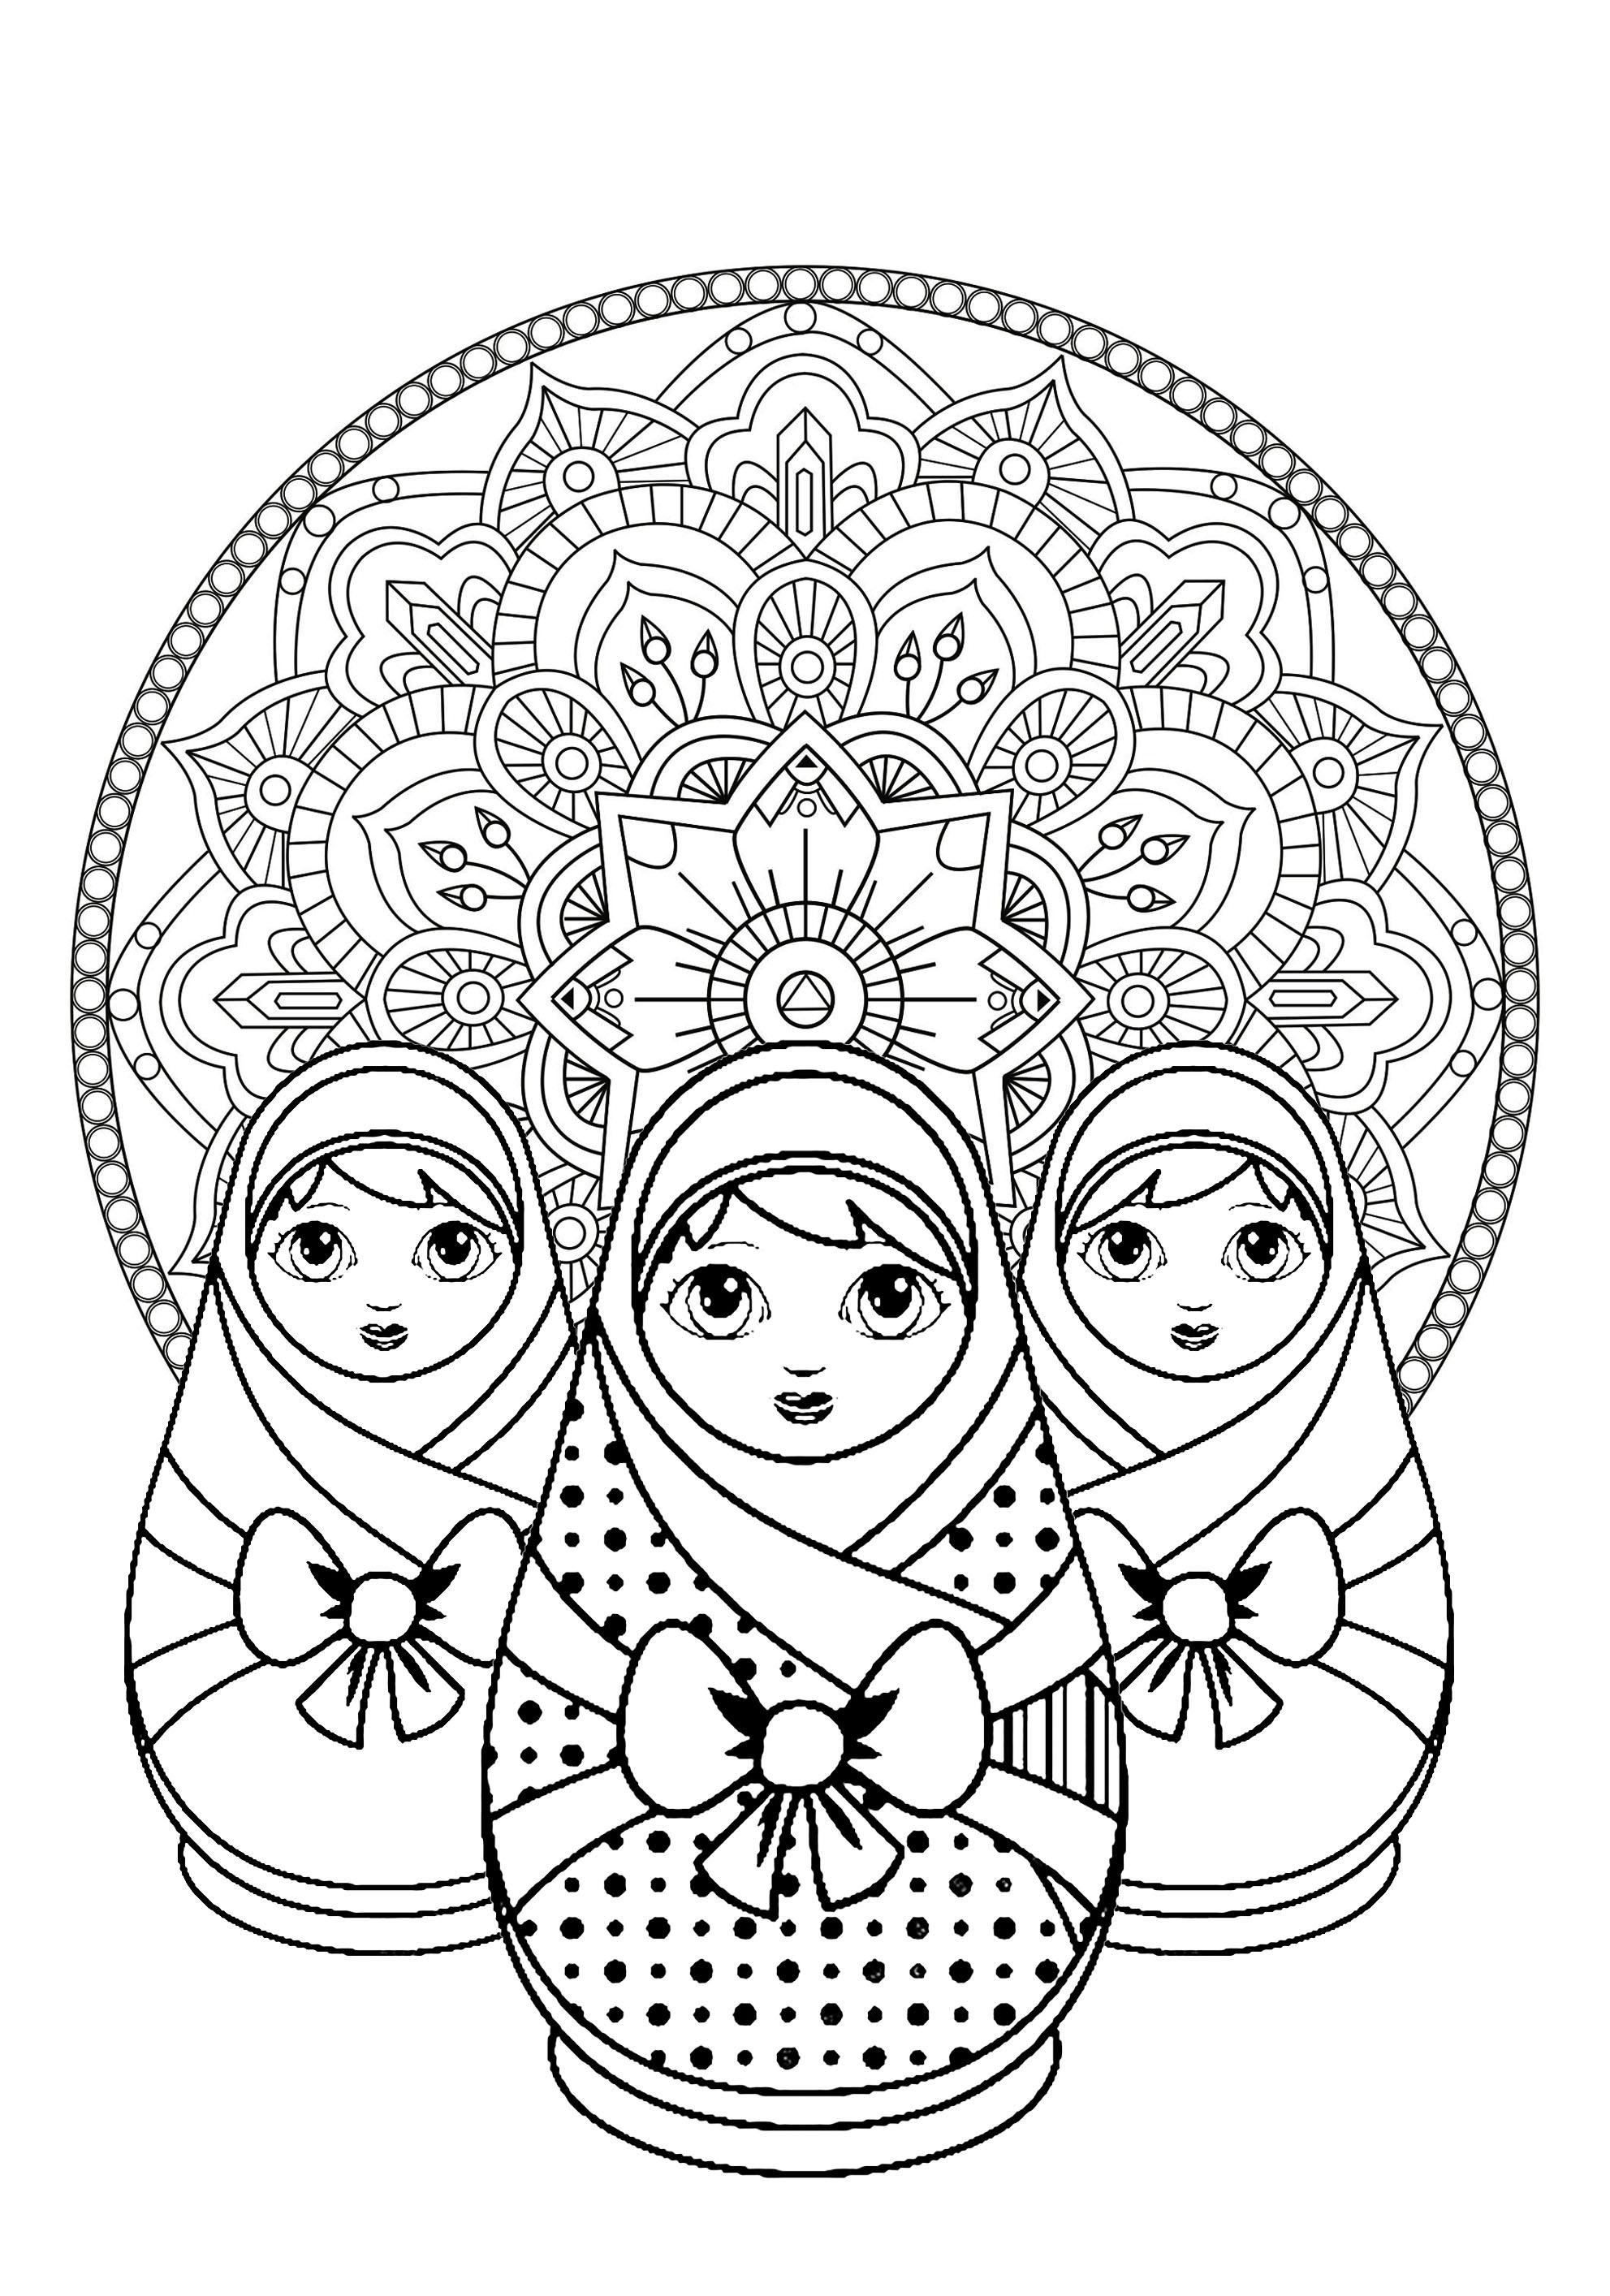 Trois jolies poupées russes et un beau Mandala en arrière plan